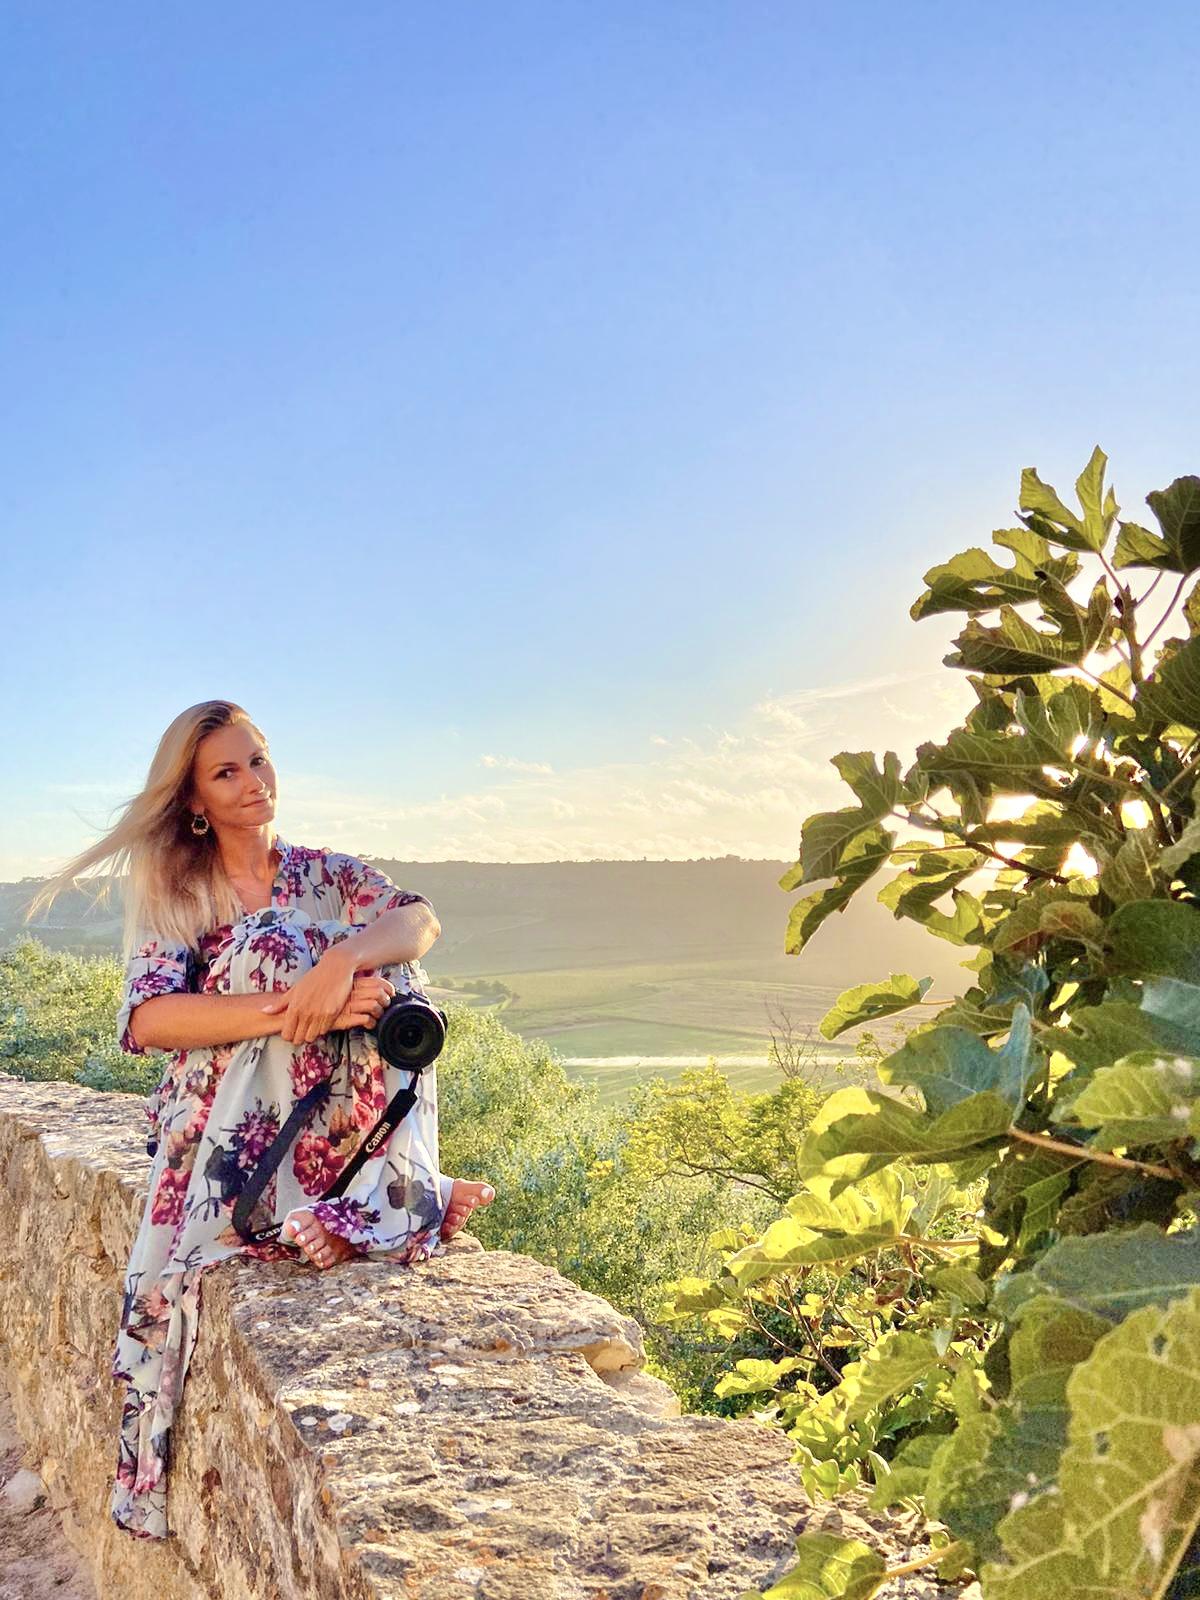 What to see in Alentejo region